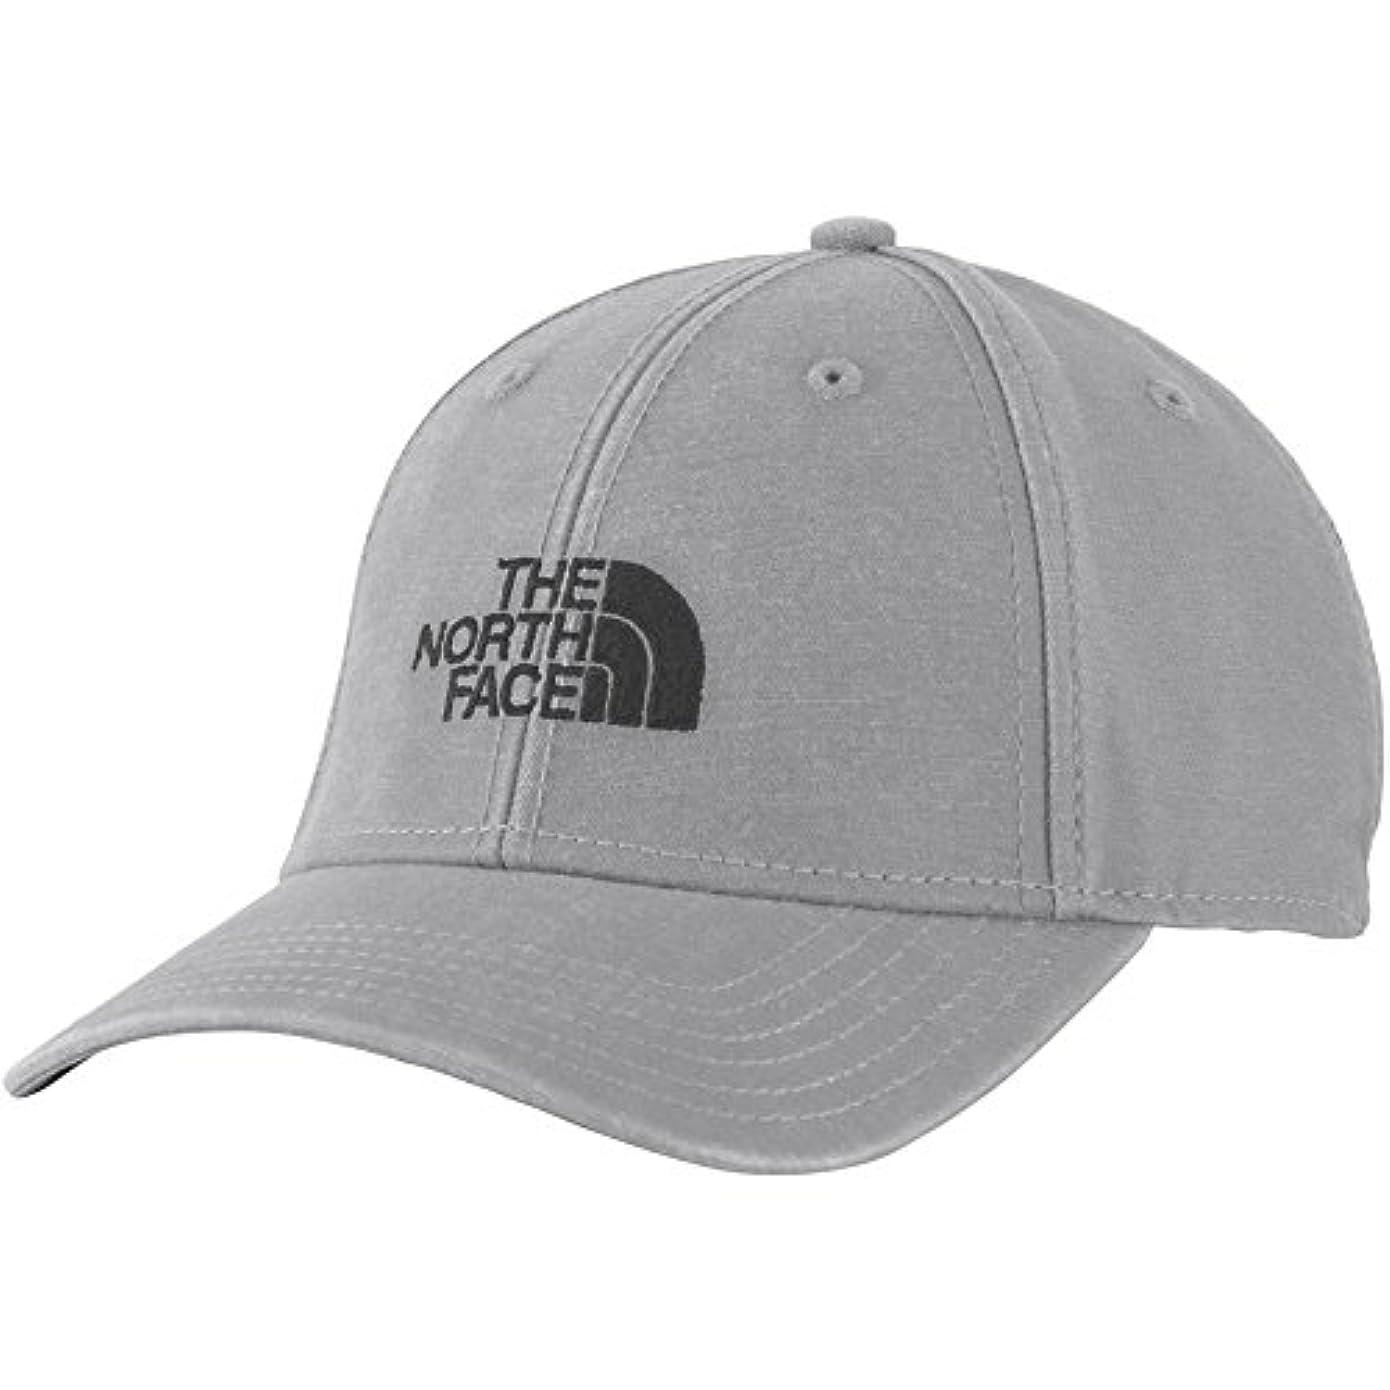 接続仮定する試験(ザ ノースフェイス) The North Face メンズ 帽子 キャップ 66 Classic Hat [並行輸入品]